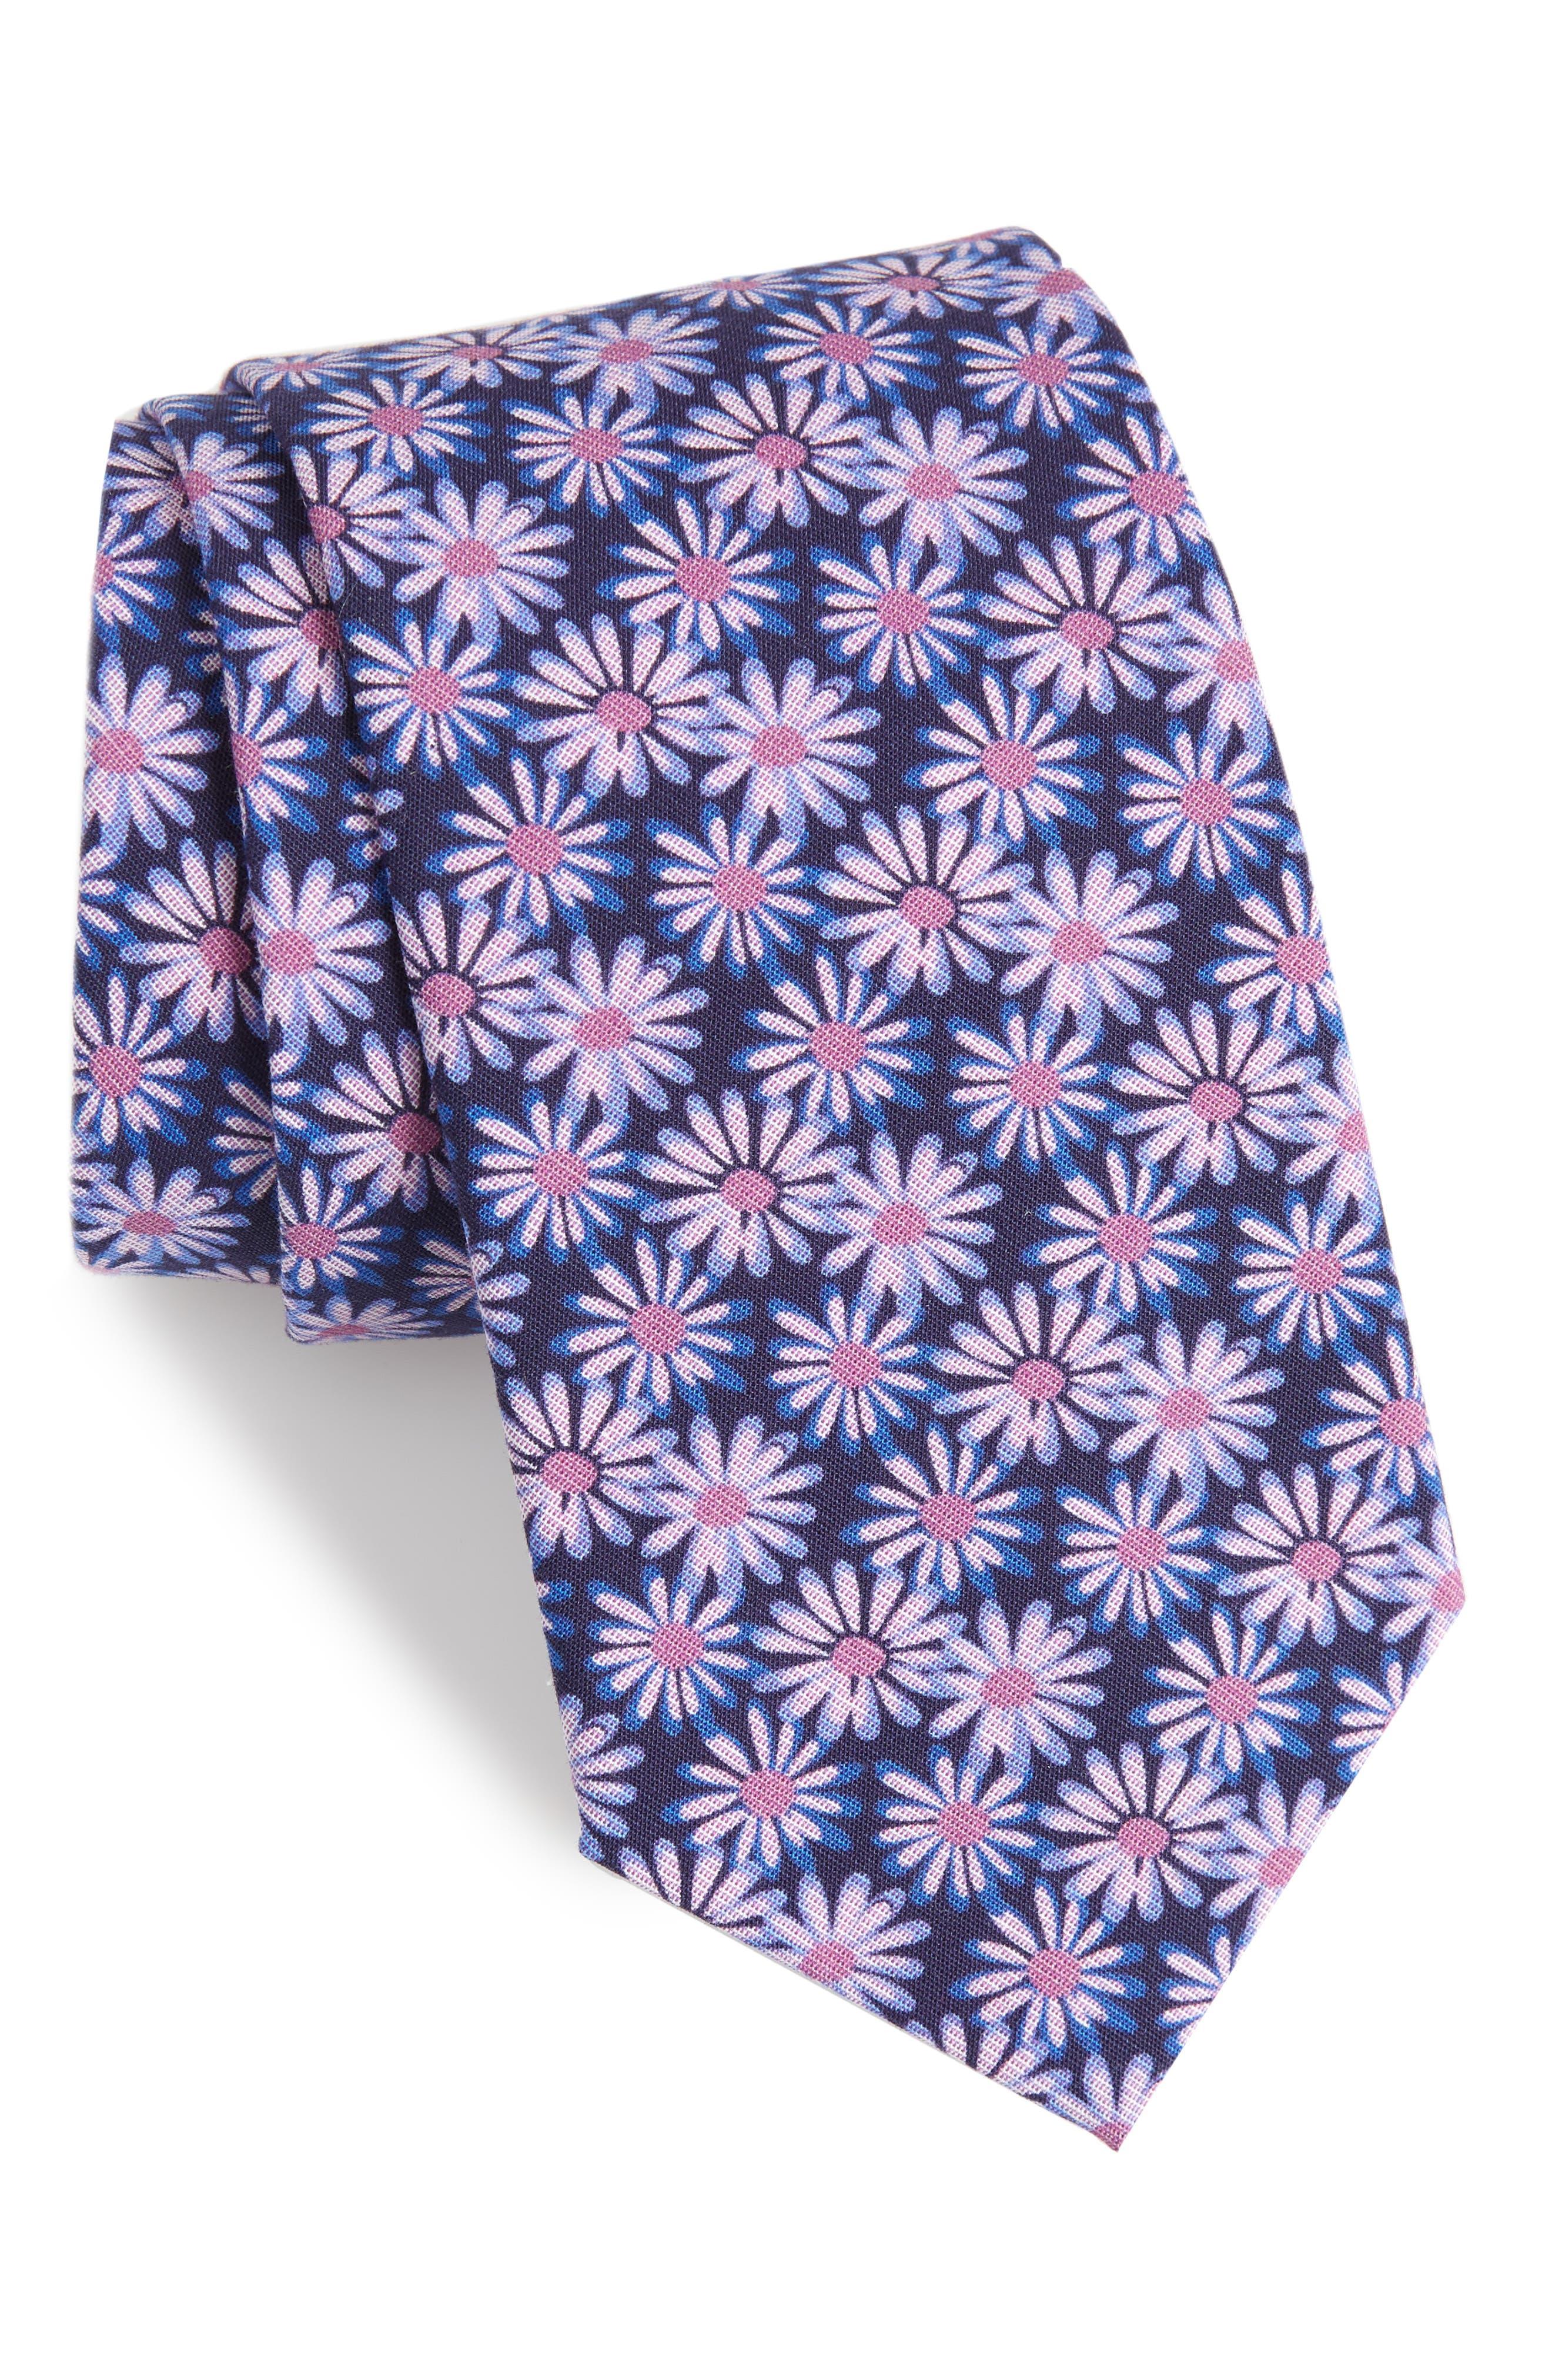 Floral Breeze Print Cotton Tie,                             Main thumbnail 1, color,                             500